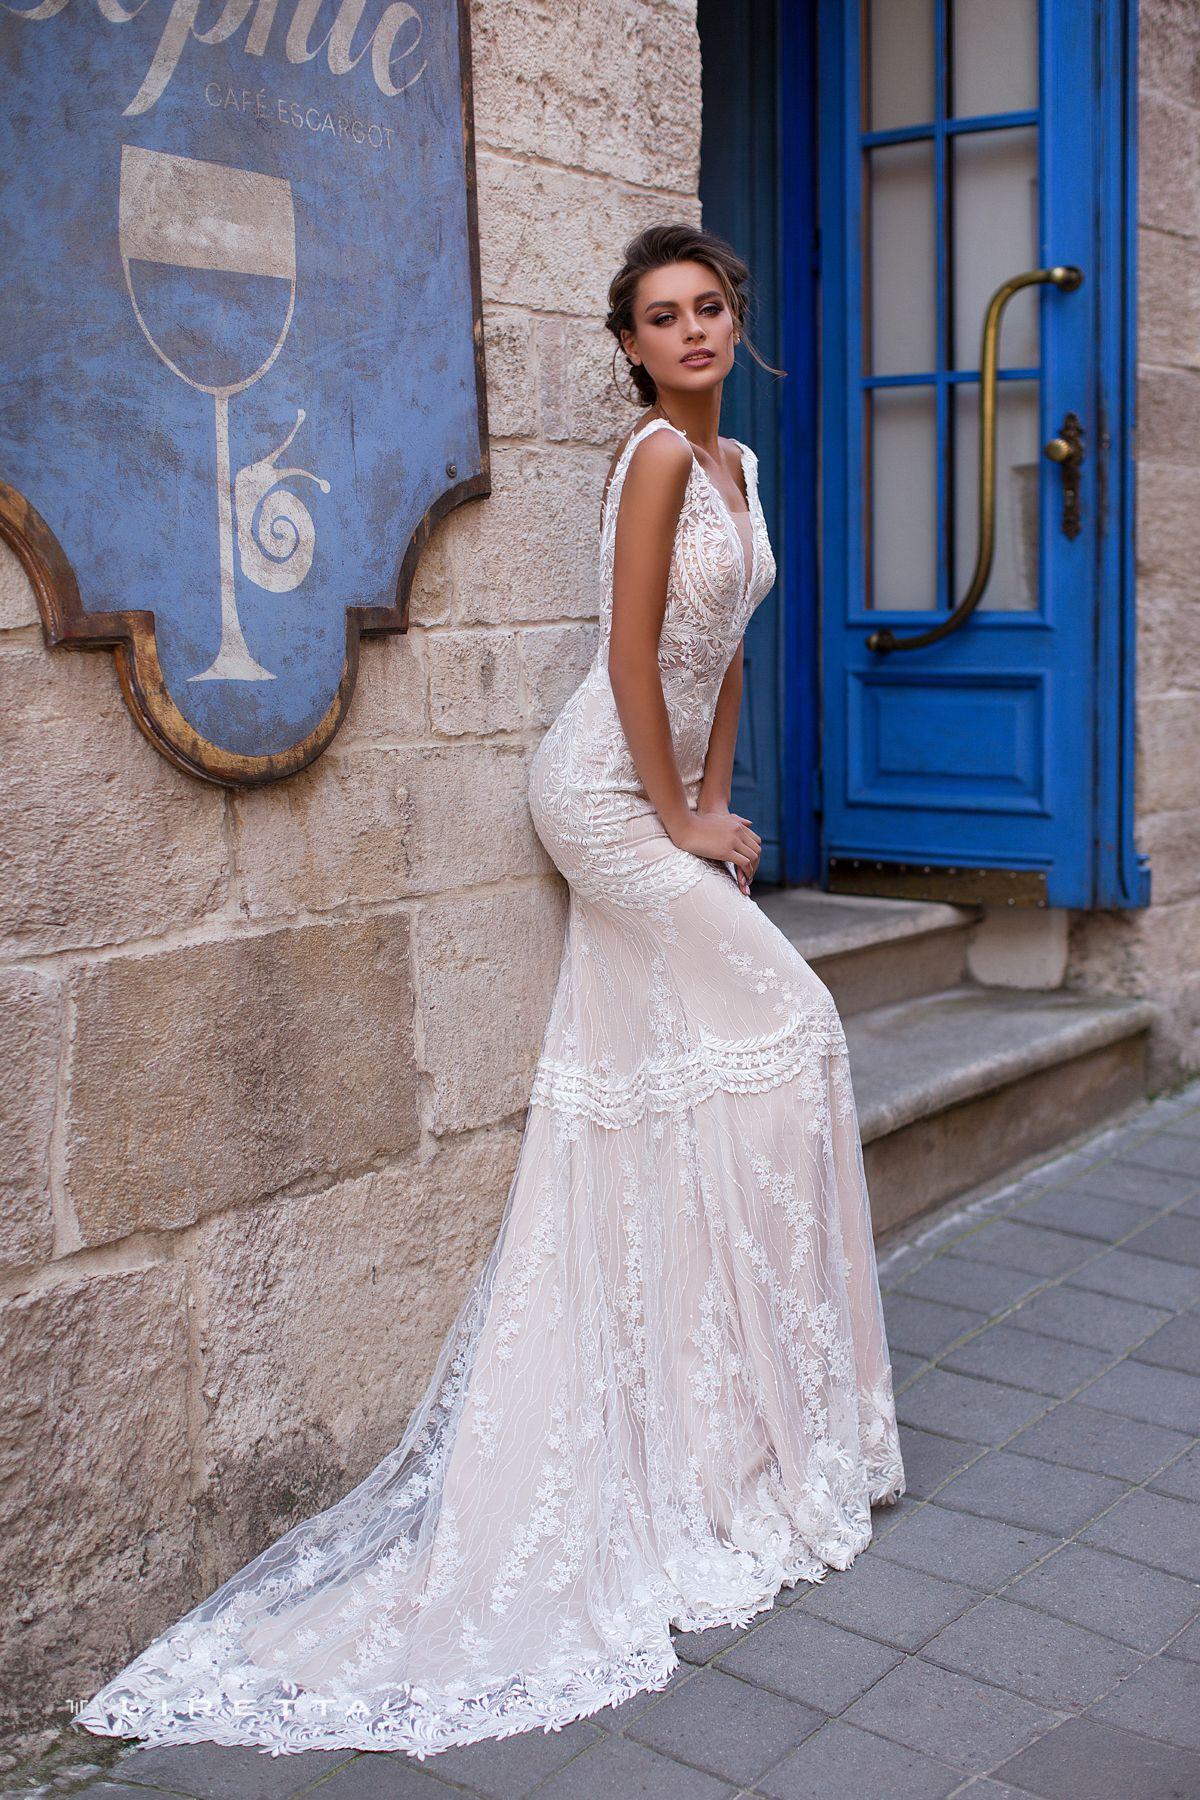 46e9c58e0d3 Liretta Wedding Dress - Bourbon White dress Свадебное платье ...